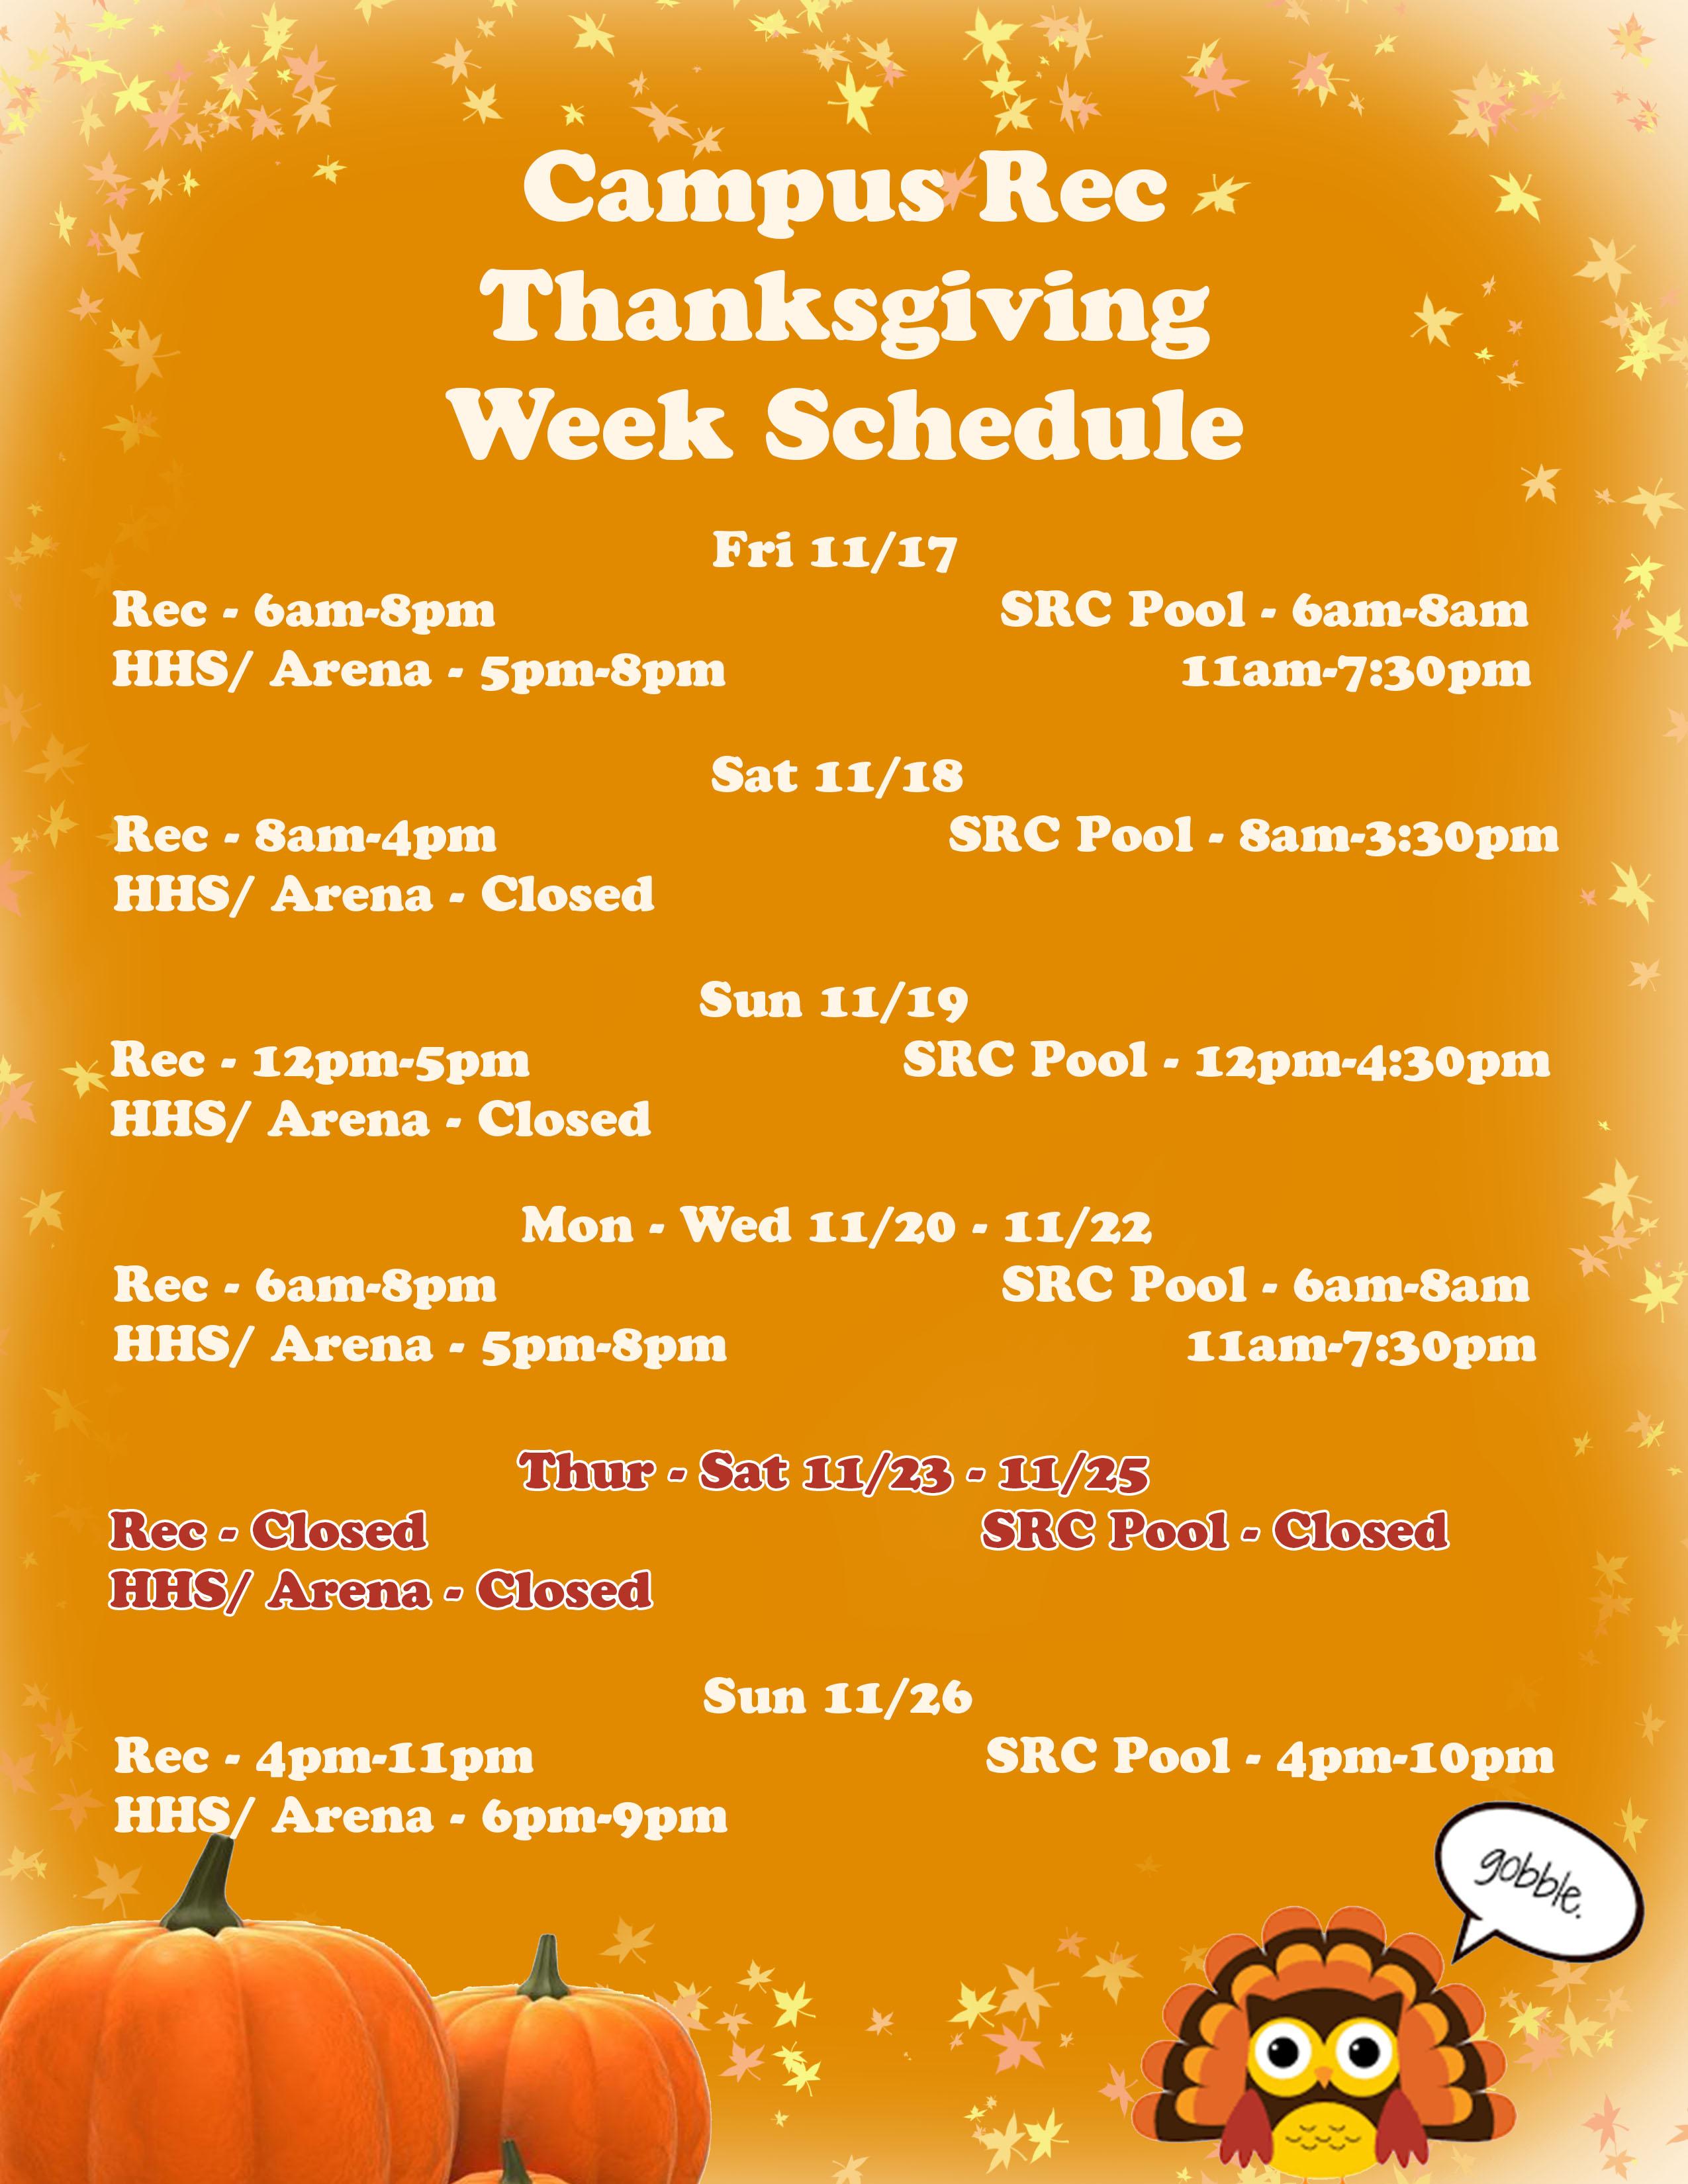 Campus Rec Thanksgiving Week 2017 Schedule Updated